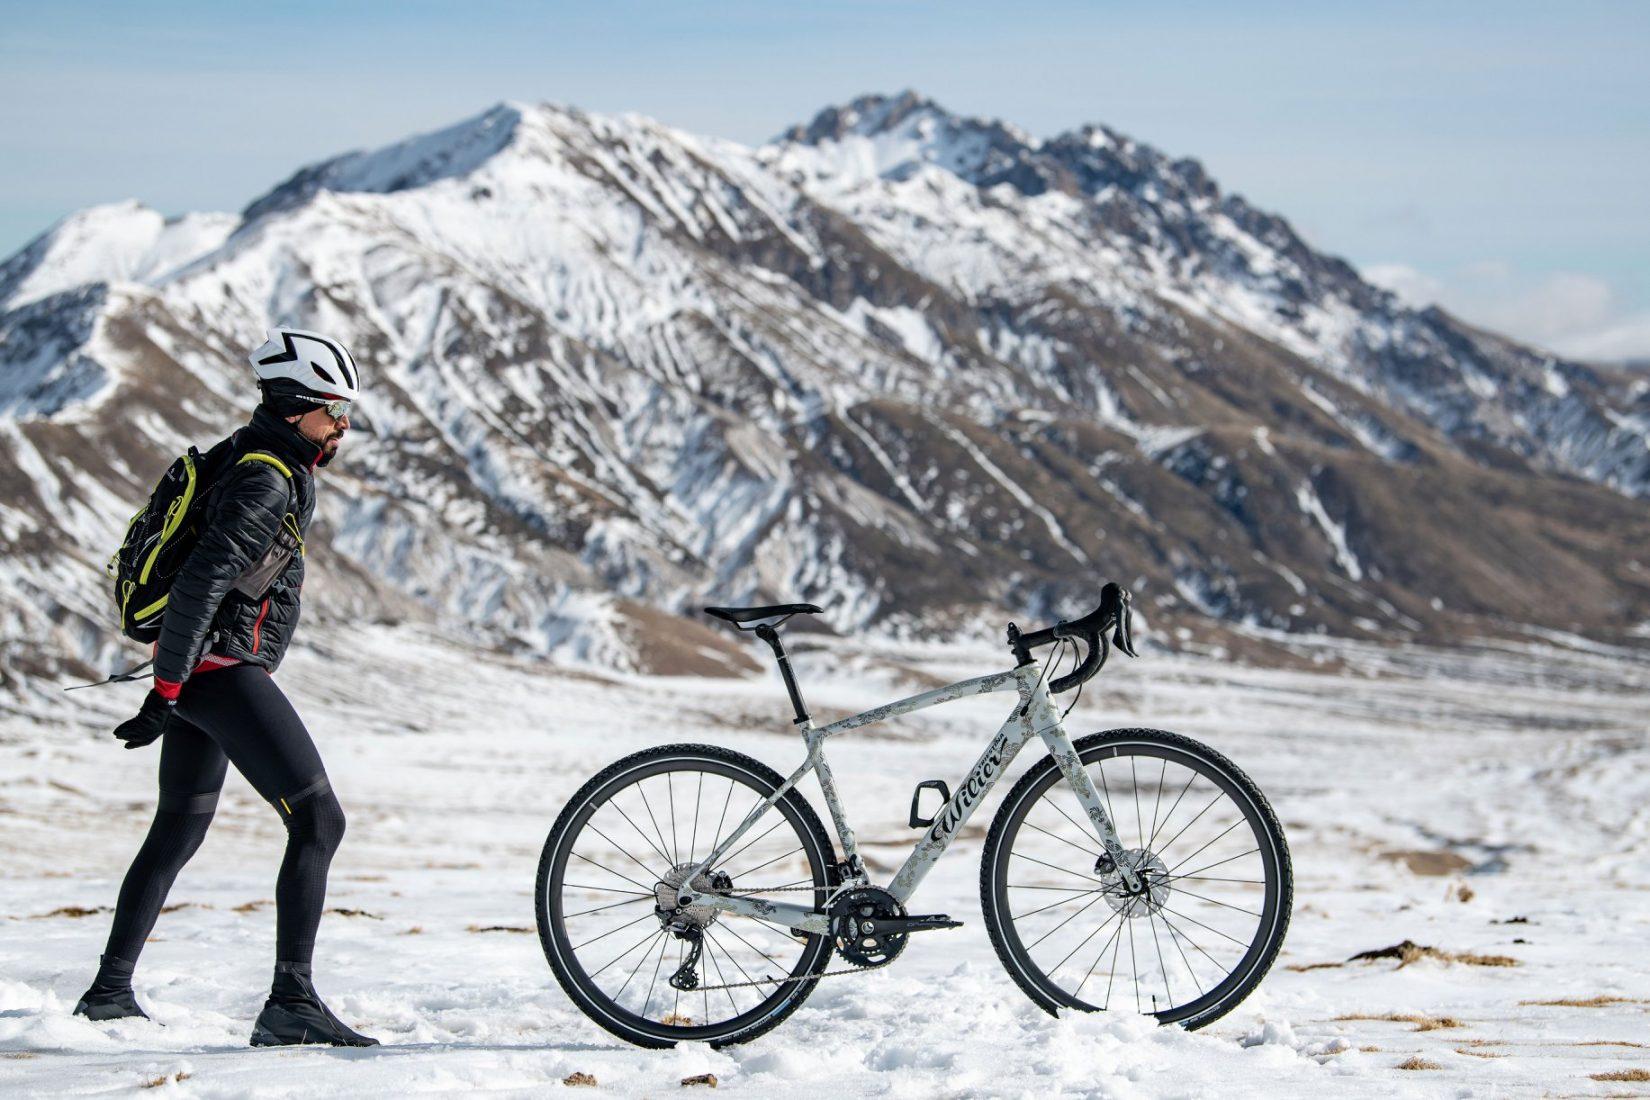 Omar di Felice inizia l'attraversata della Mongolia in invernale